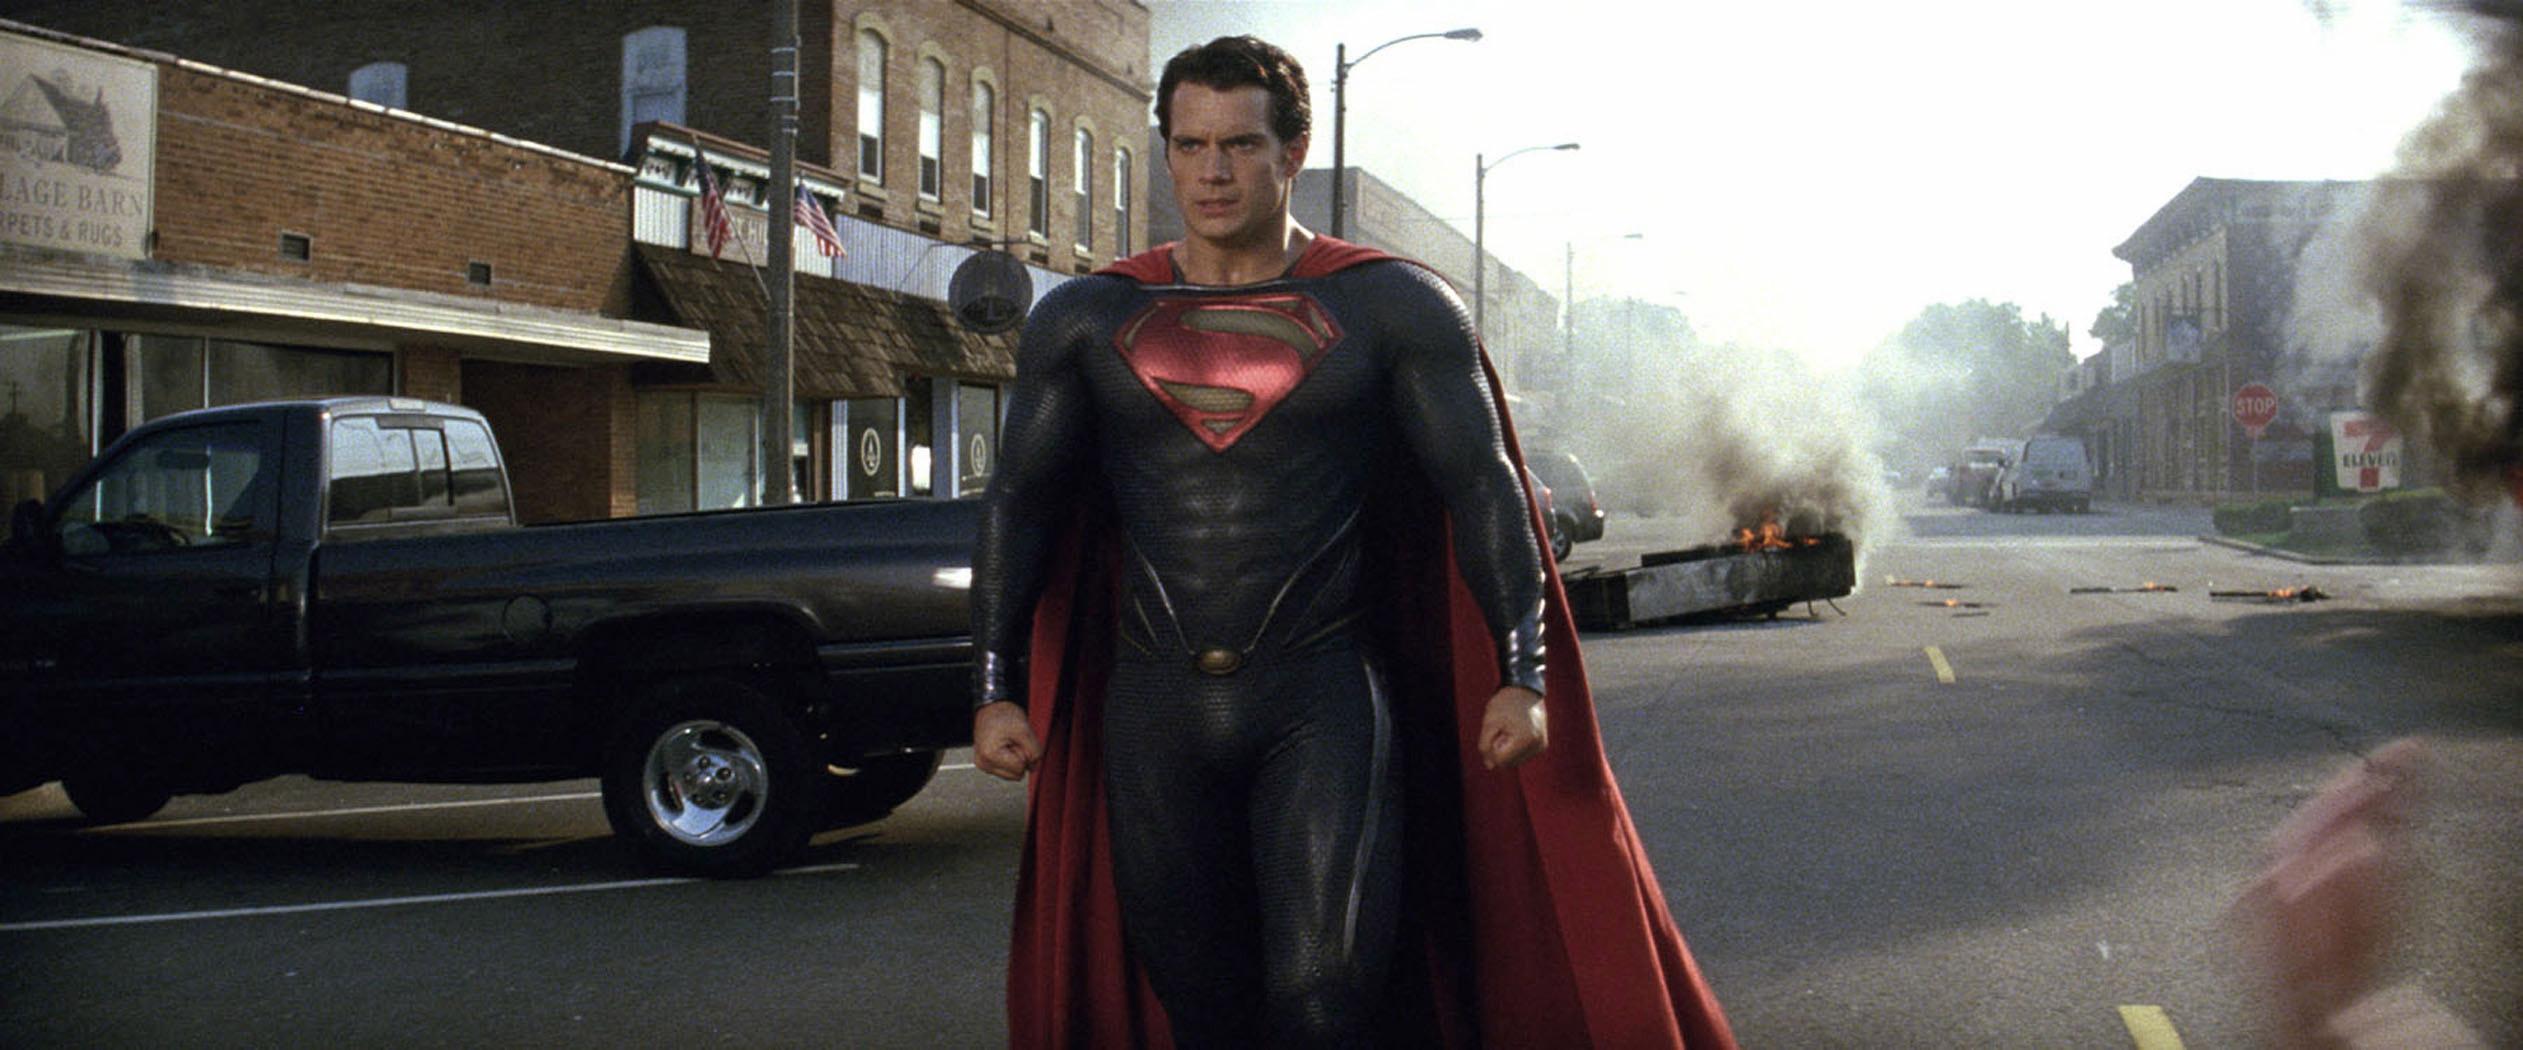 Superman Man of Steel 2013 Movie Wallpapers HD 2523x1050